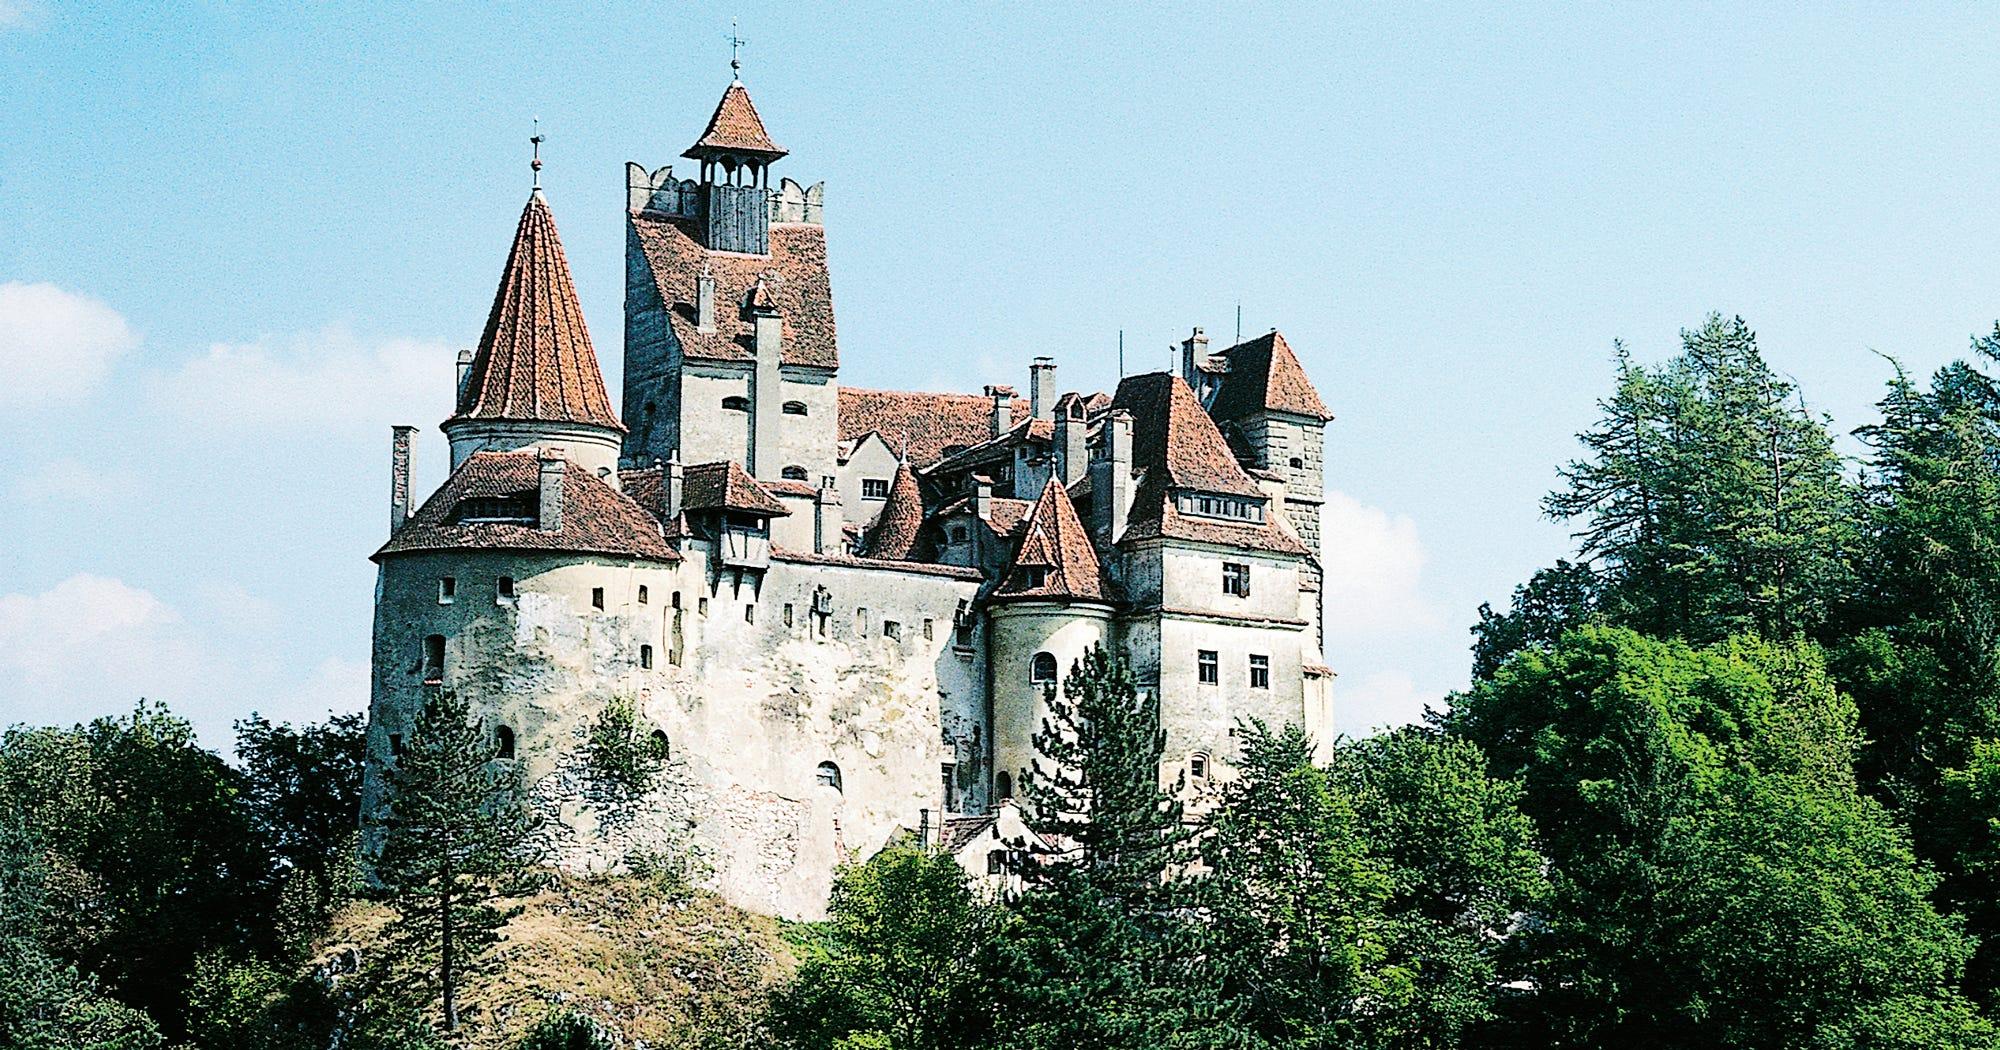 Dracula Castle For Sale